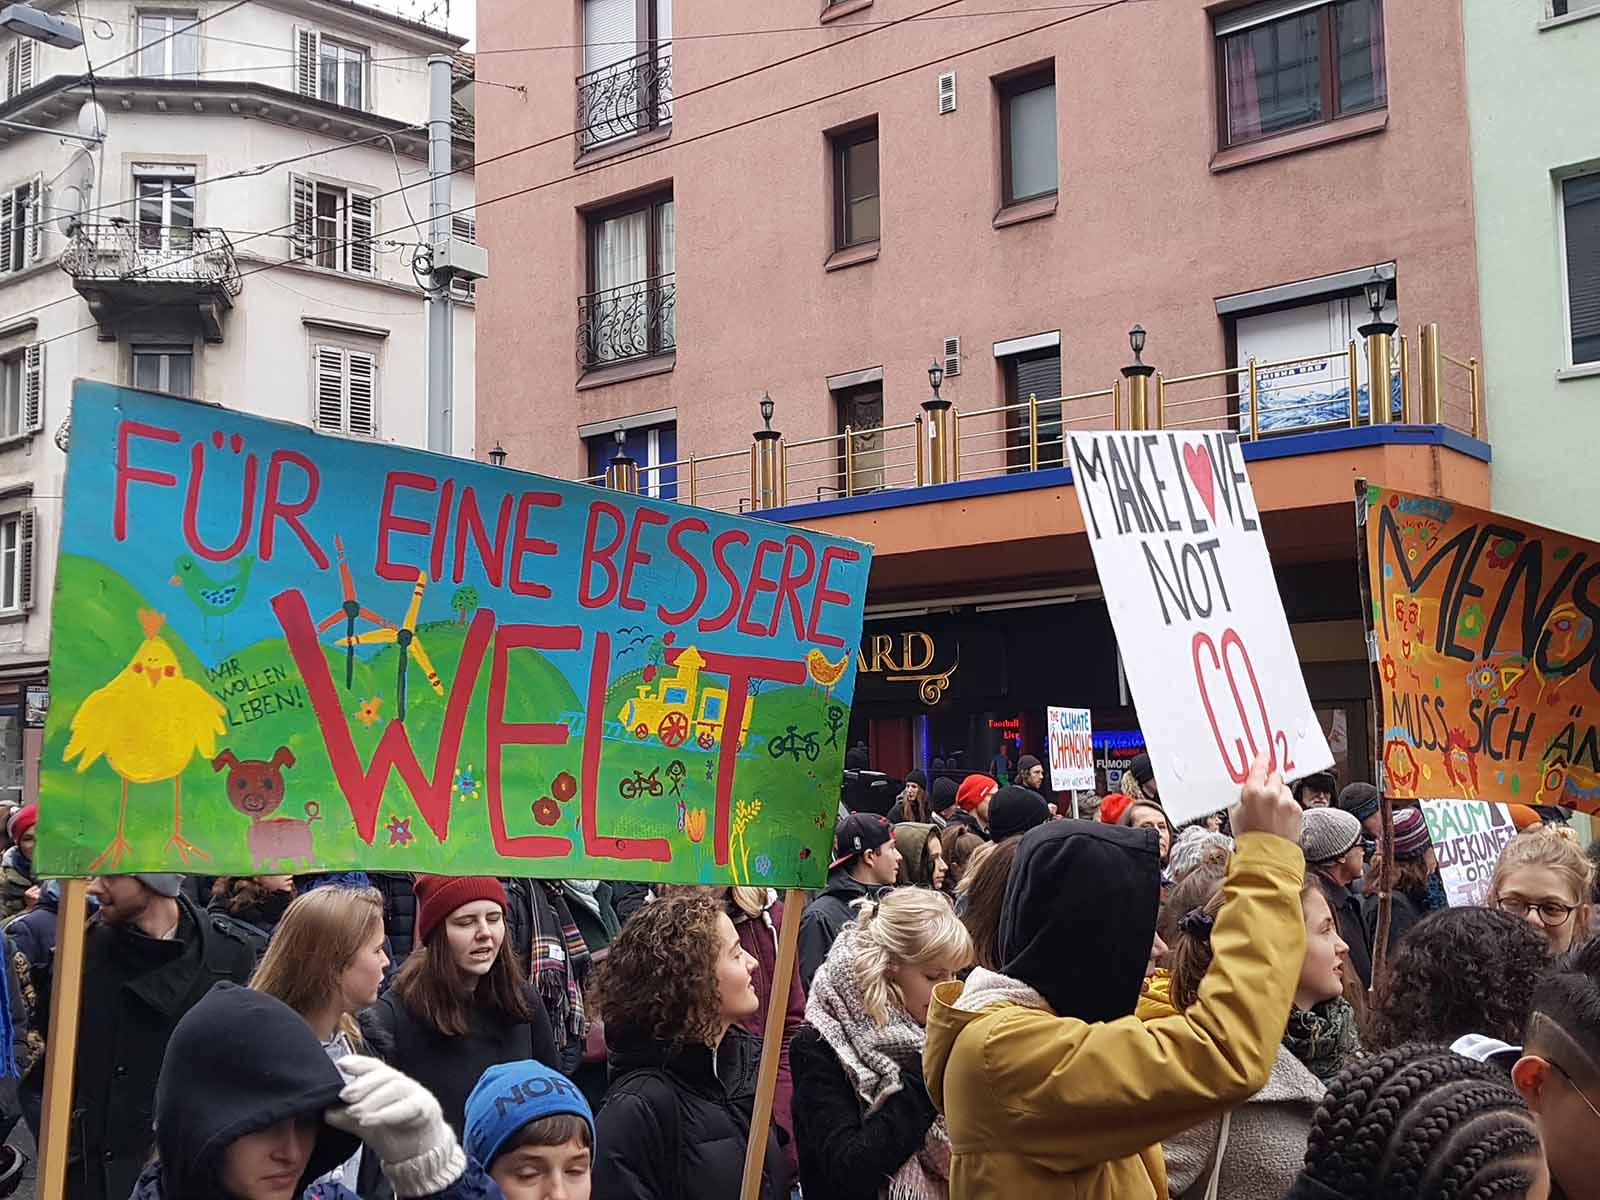 Make Love, not CO2 – Jugendliche machen mit selbstgebastelten Plakaten auf die Klimakrise aufmerksam.